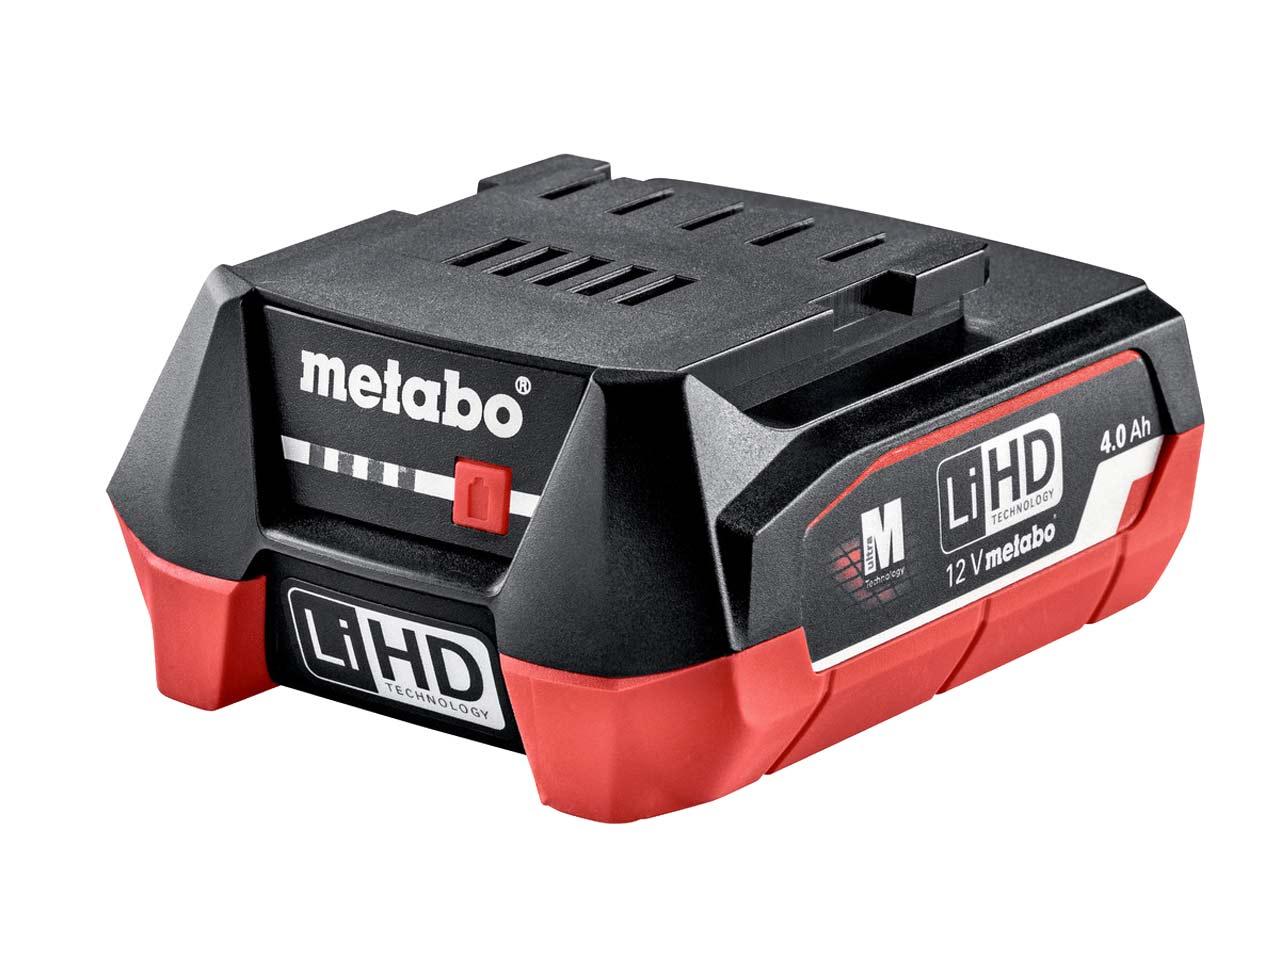 Metabo_625349000.jpg